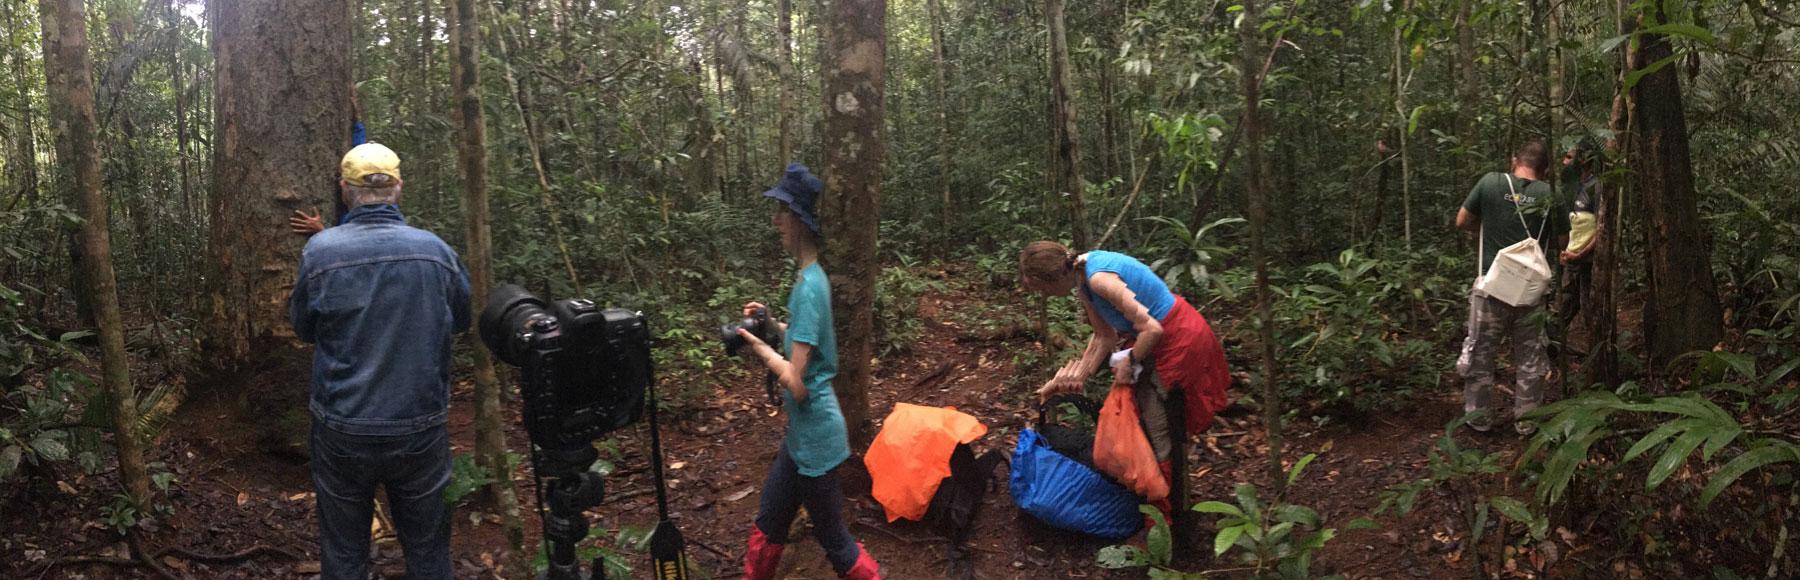 Fotografie eines Foto-undFilmteams bei der Arbeit im Regenwald